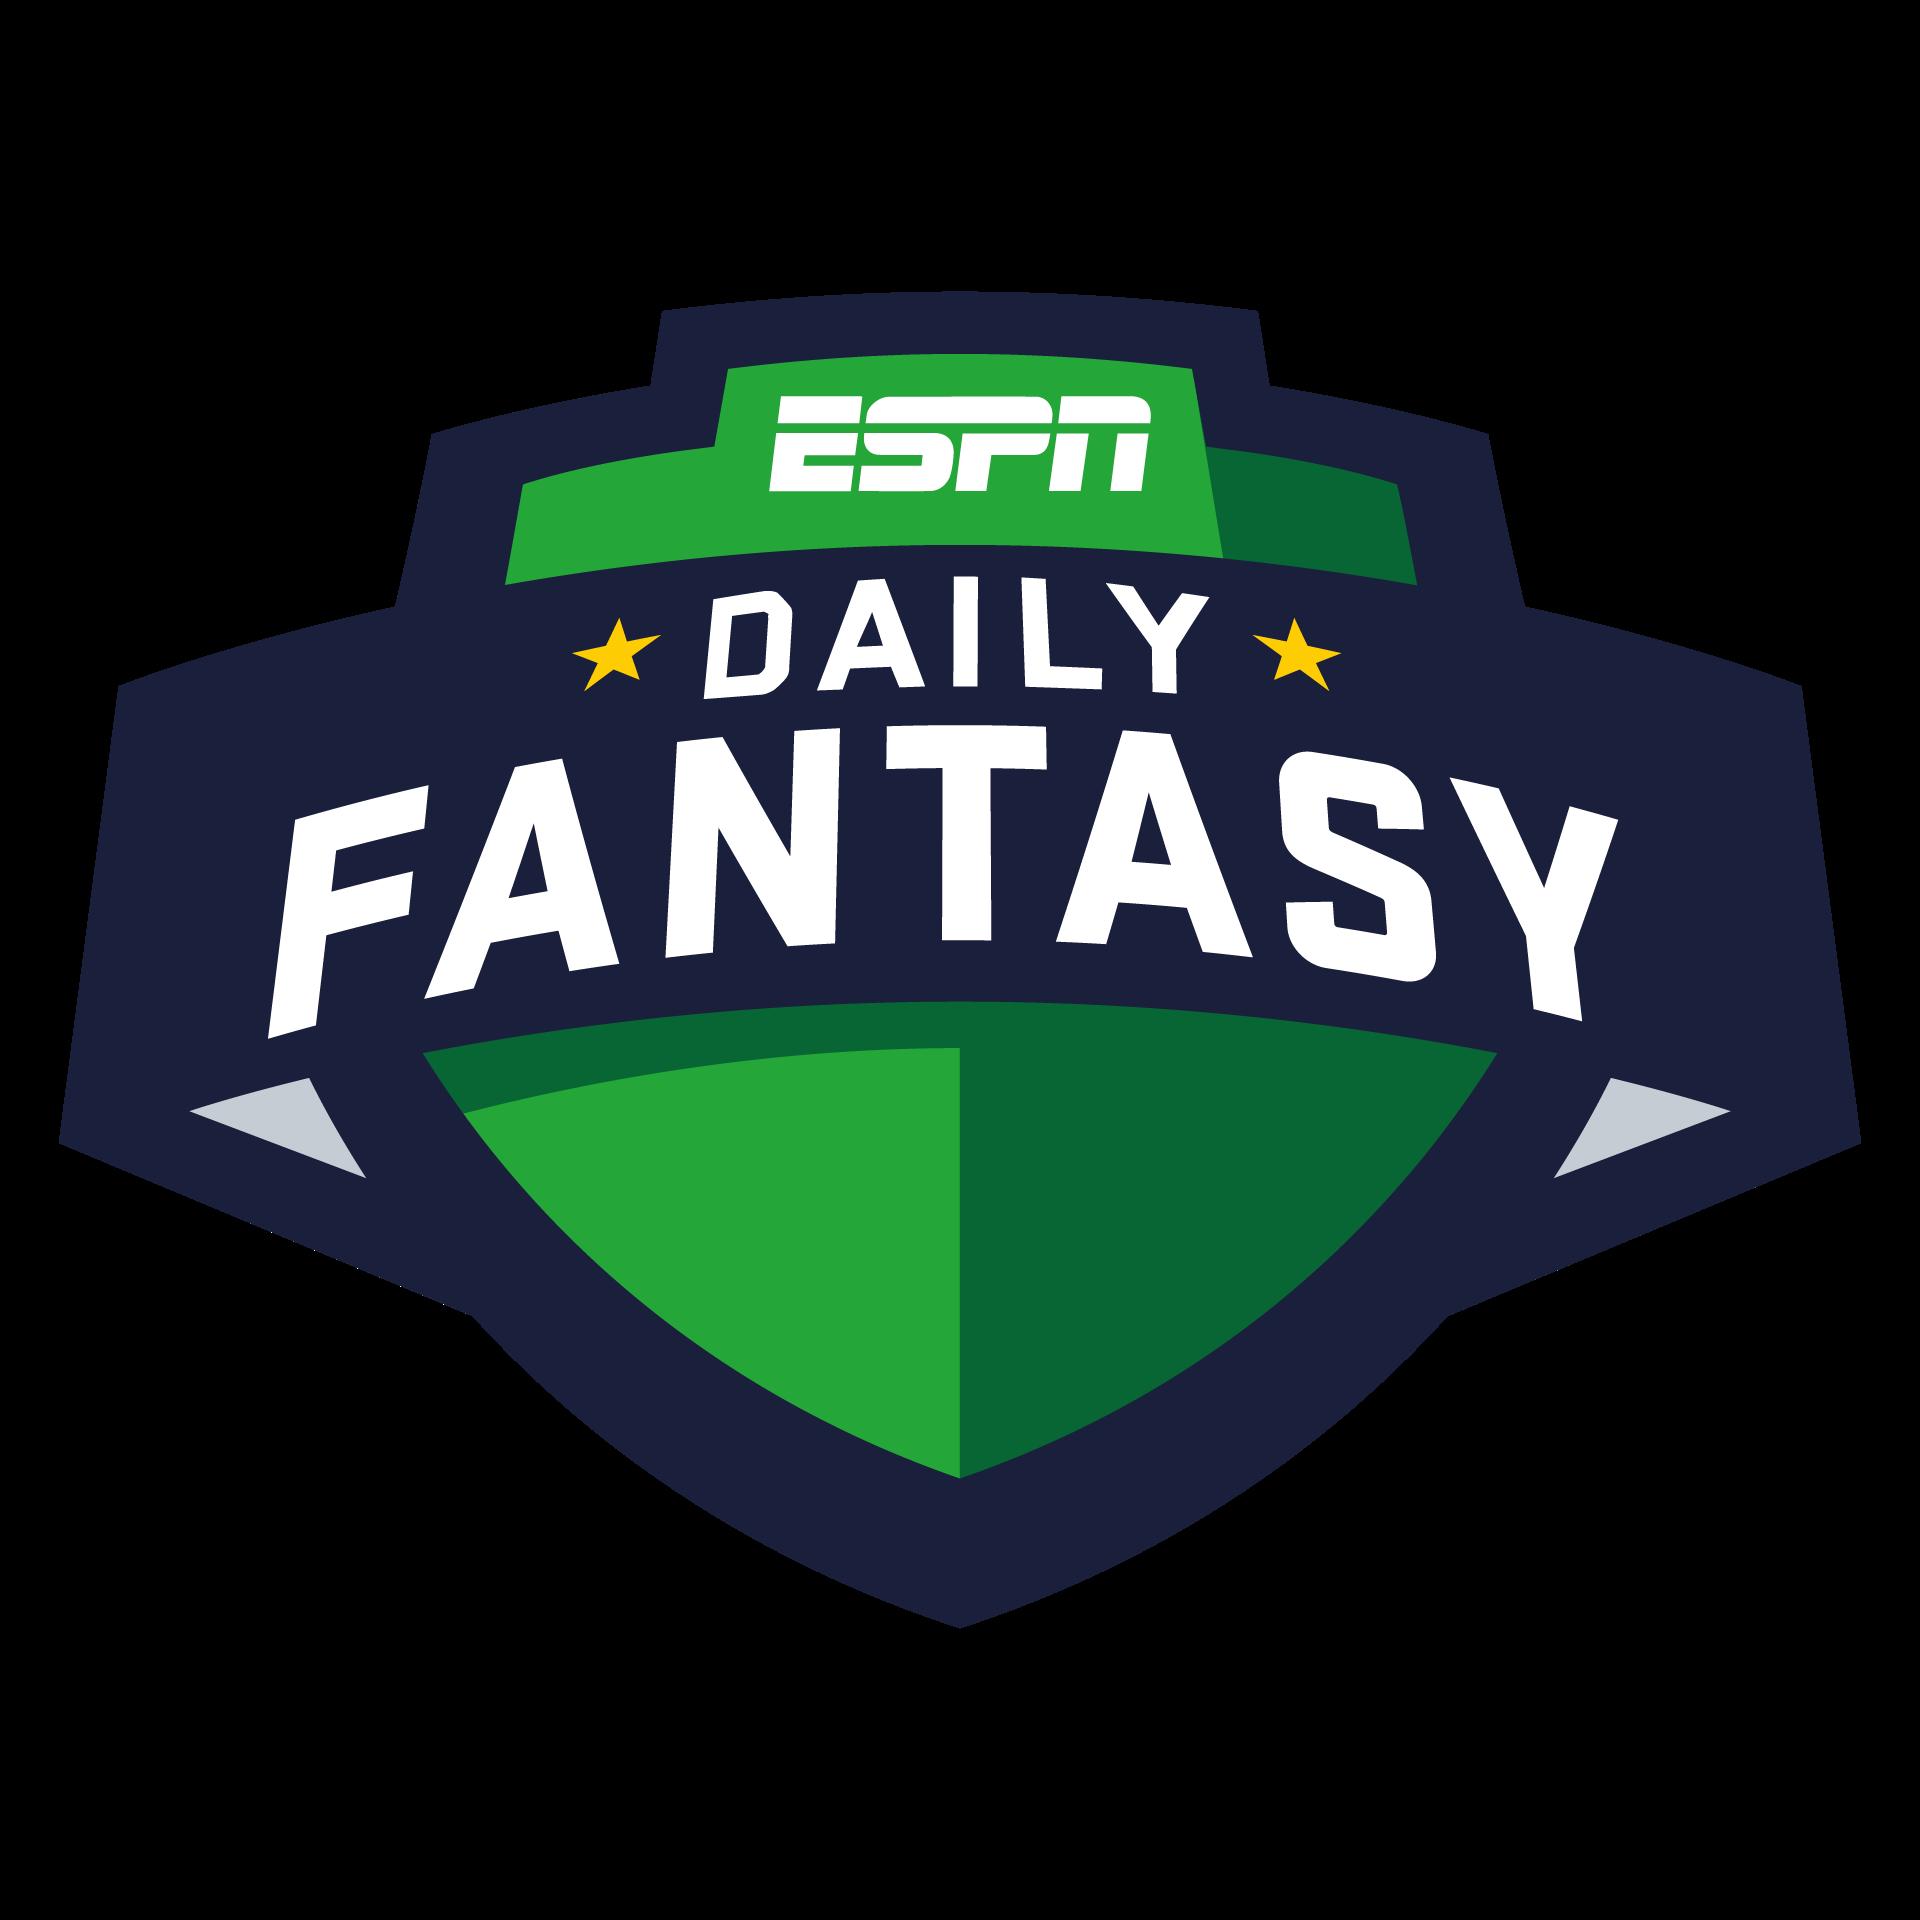 Daily Fantasy